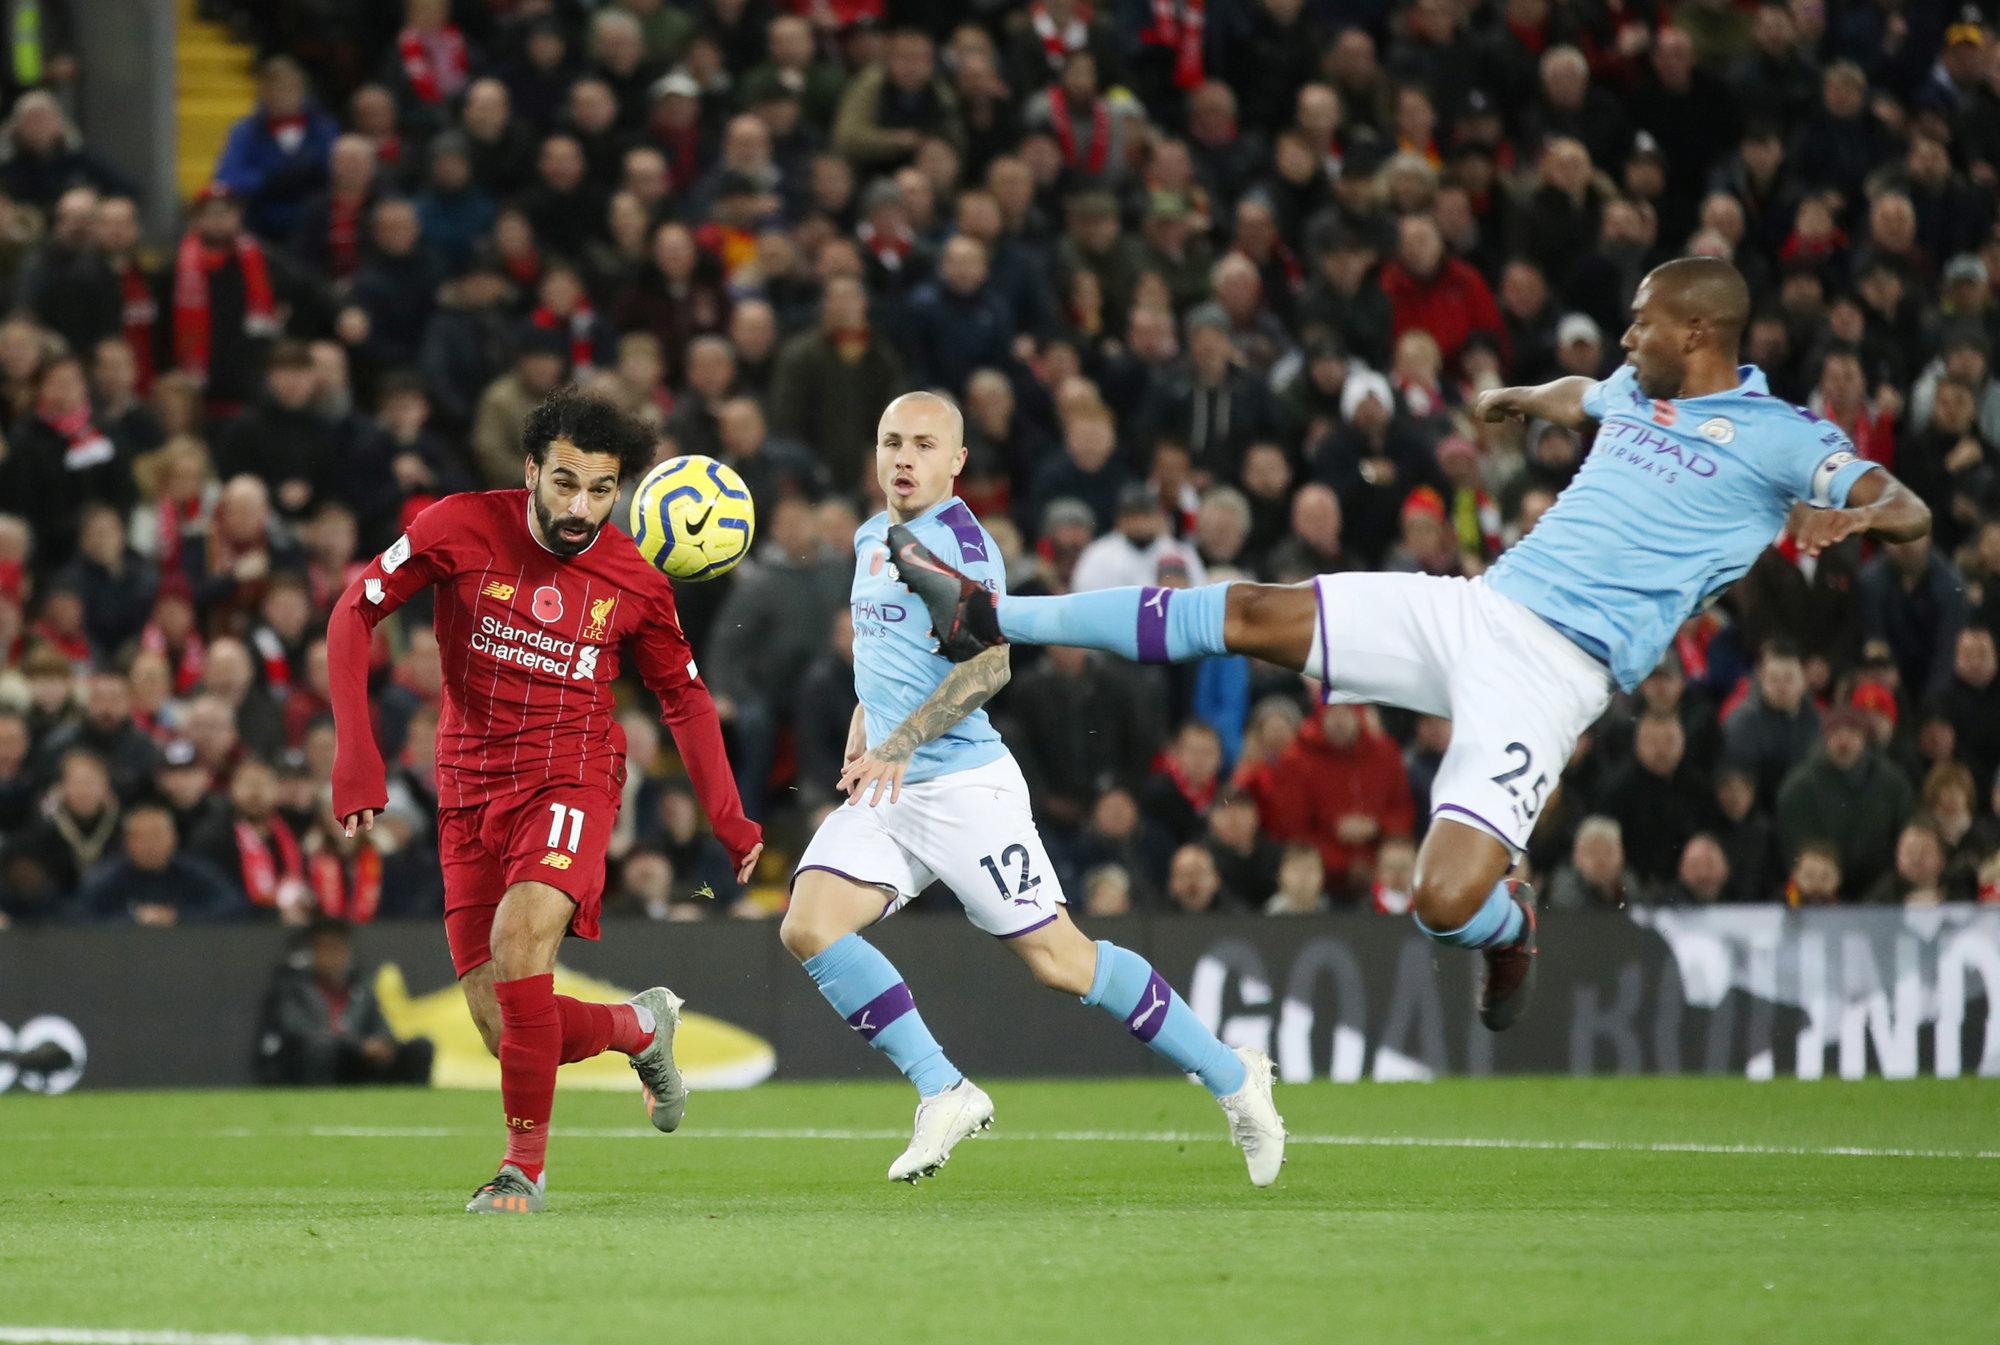 «Ливерпуль» нокаутирует «Ман Сити», «Лестер» топит «Арсенал», молодежь «Челси» продолжает побеждать